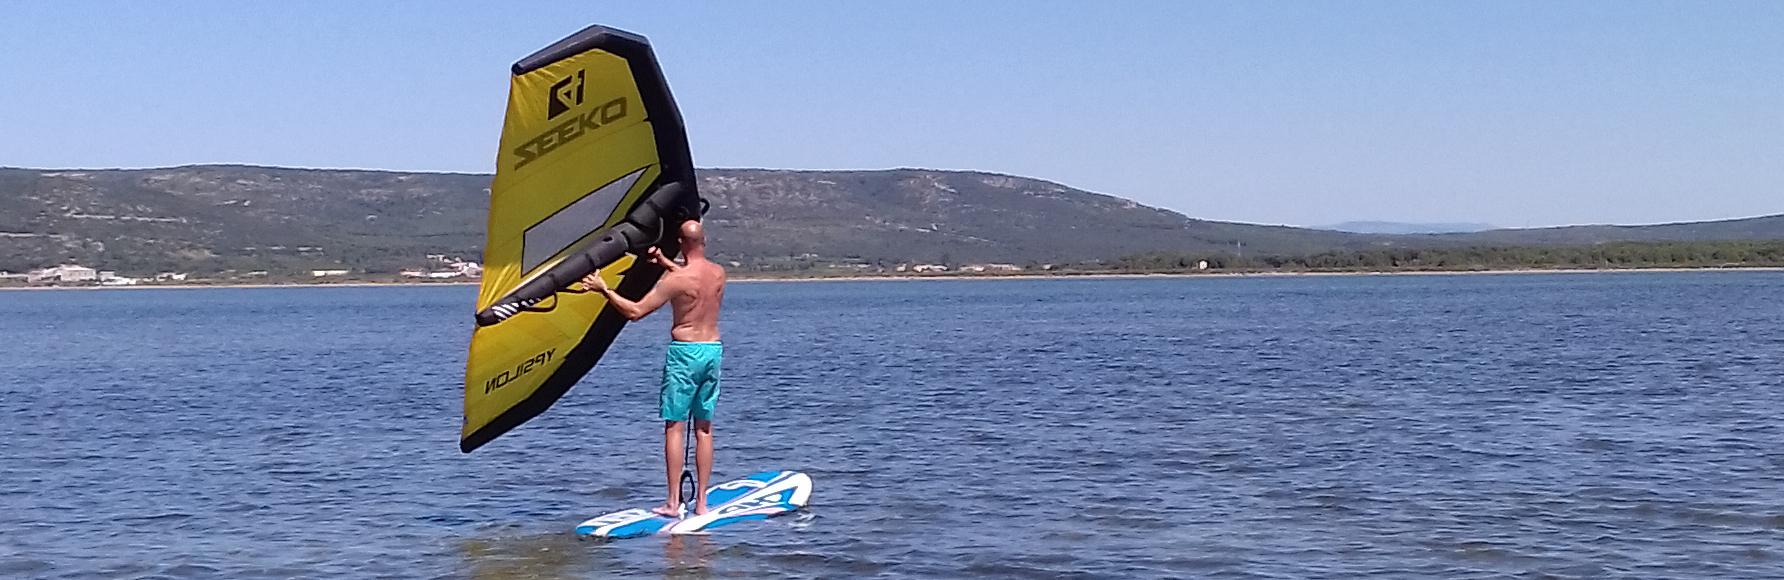 Le Wing-Surf débarque chez Tramontana !!